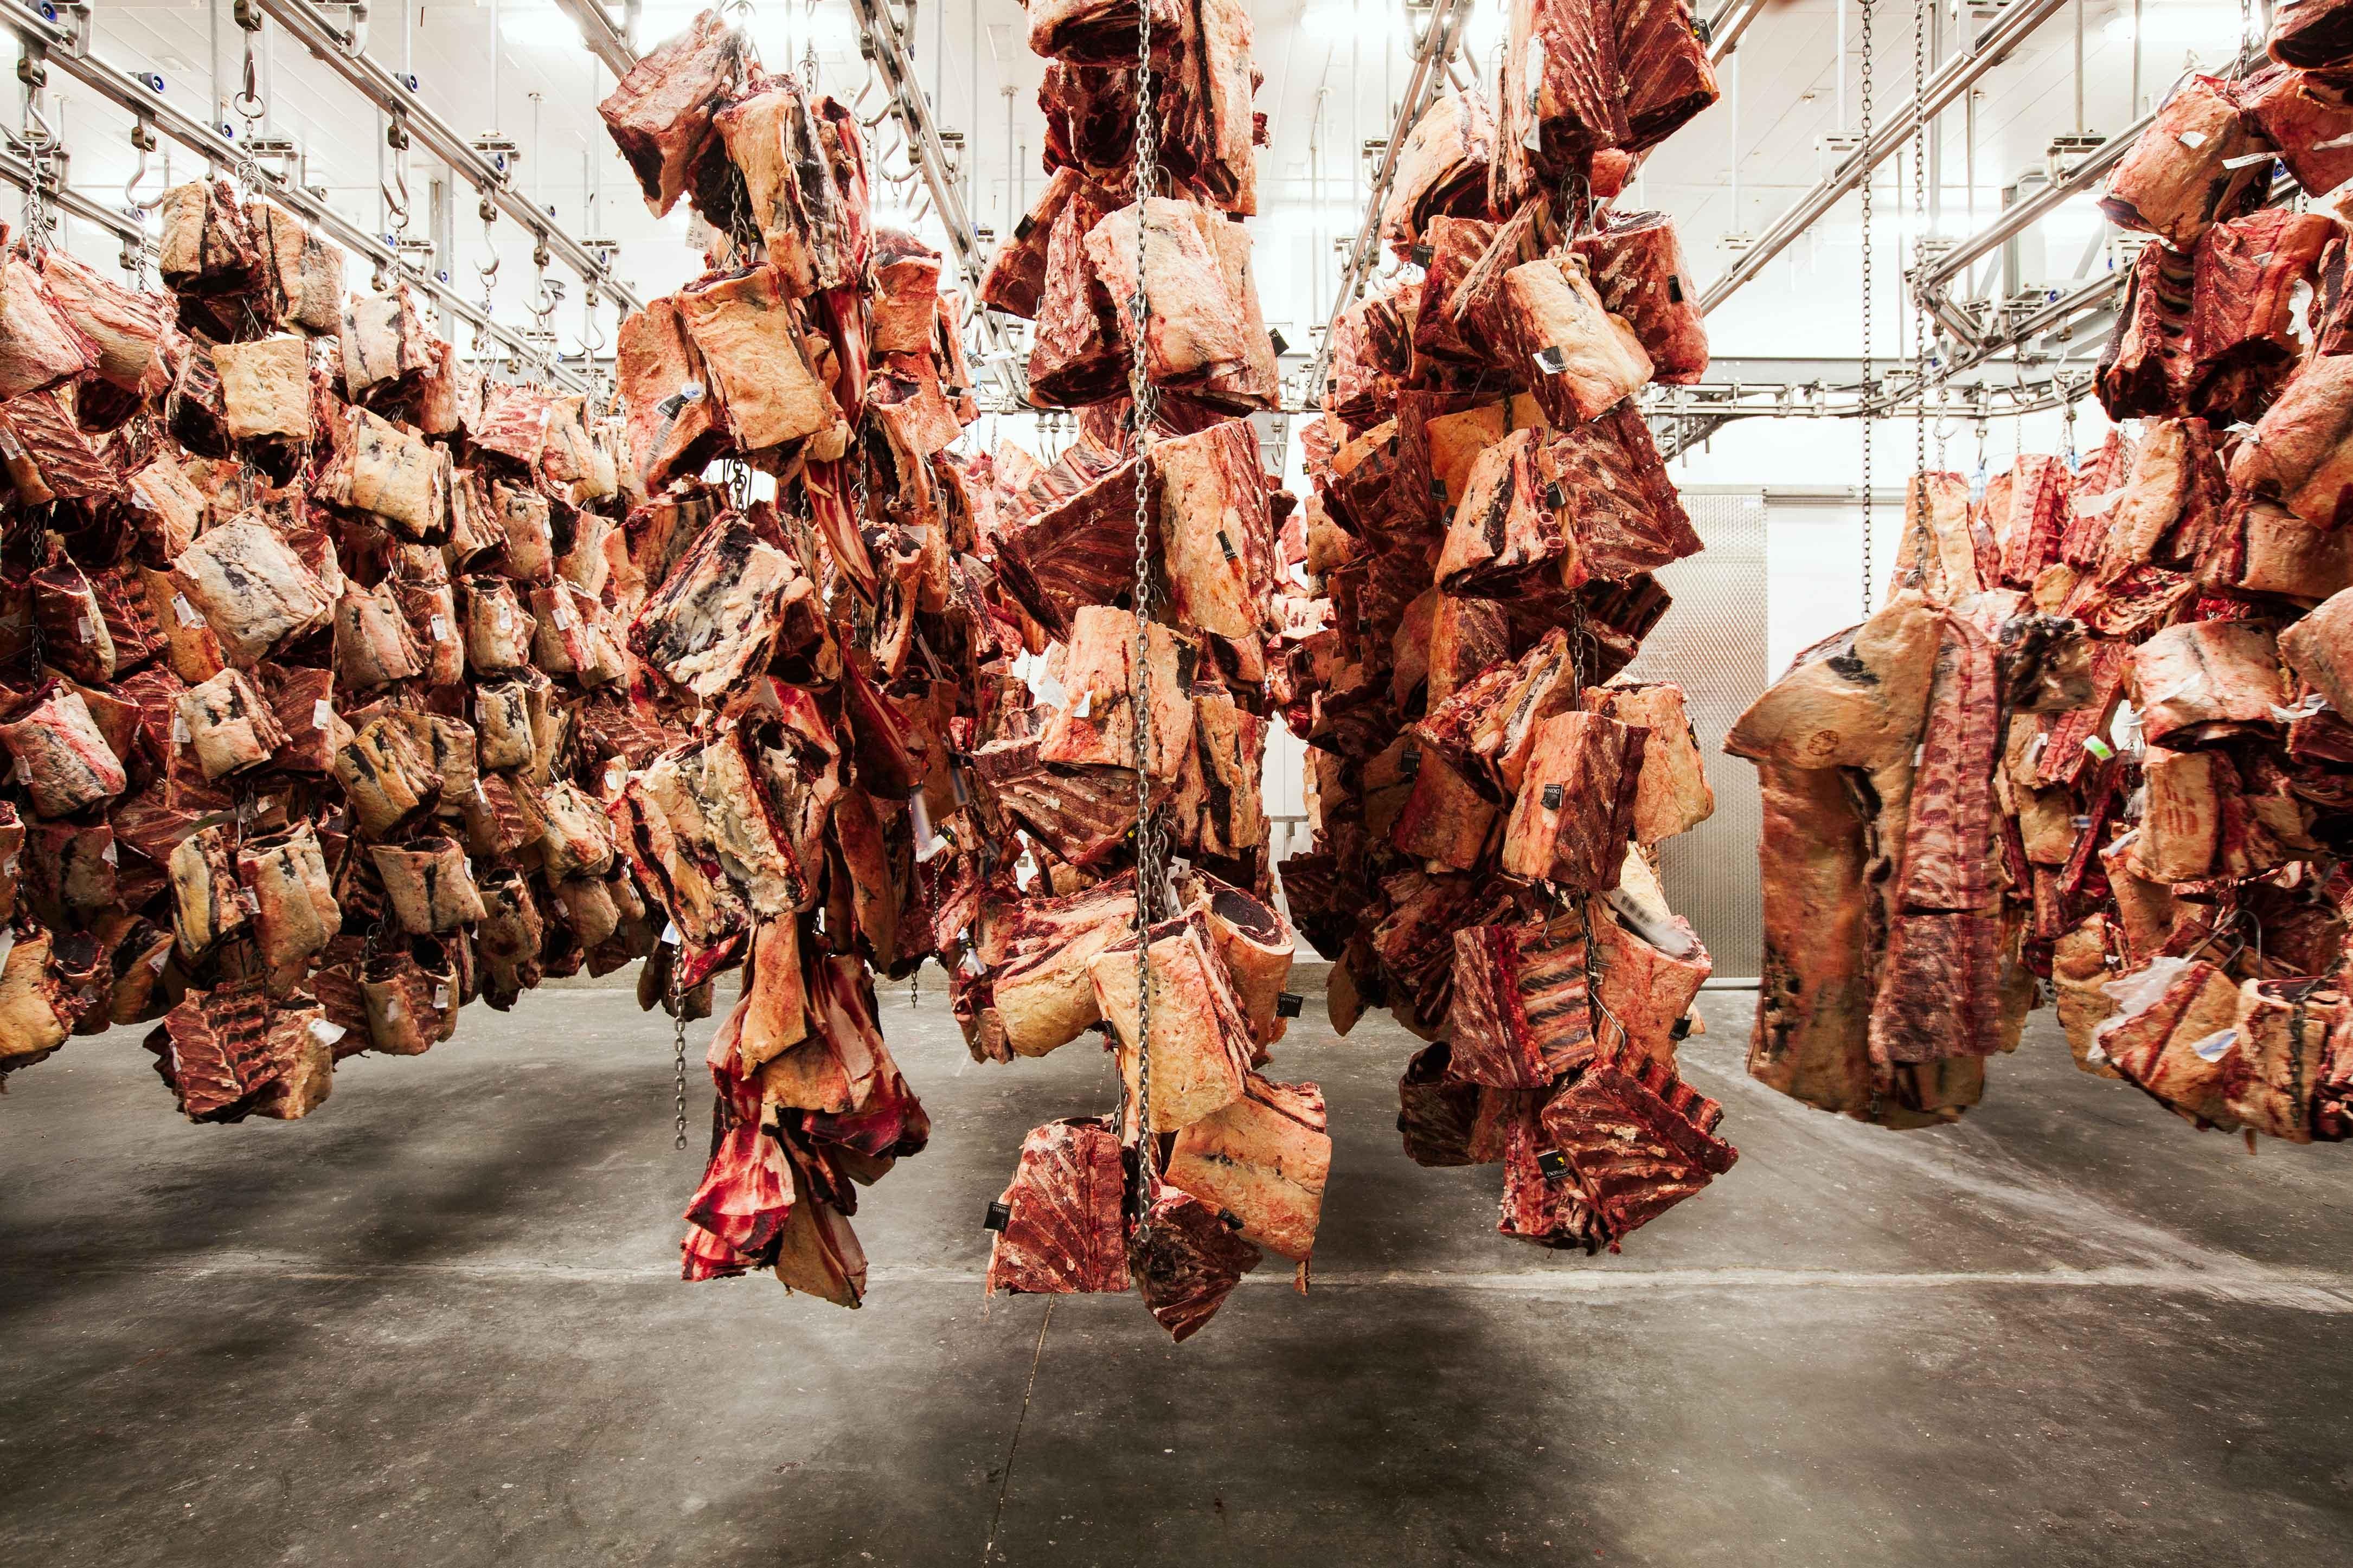 Chambre De Vieillissement Pour La Viande : Dry aged beef by john stone albers food